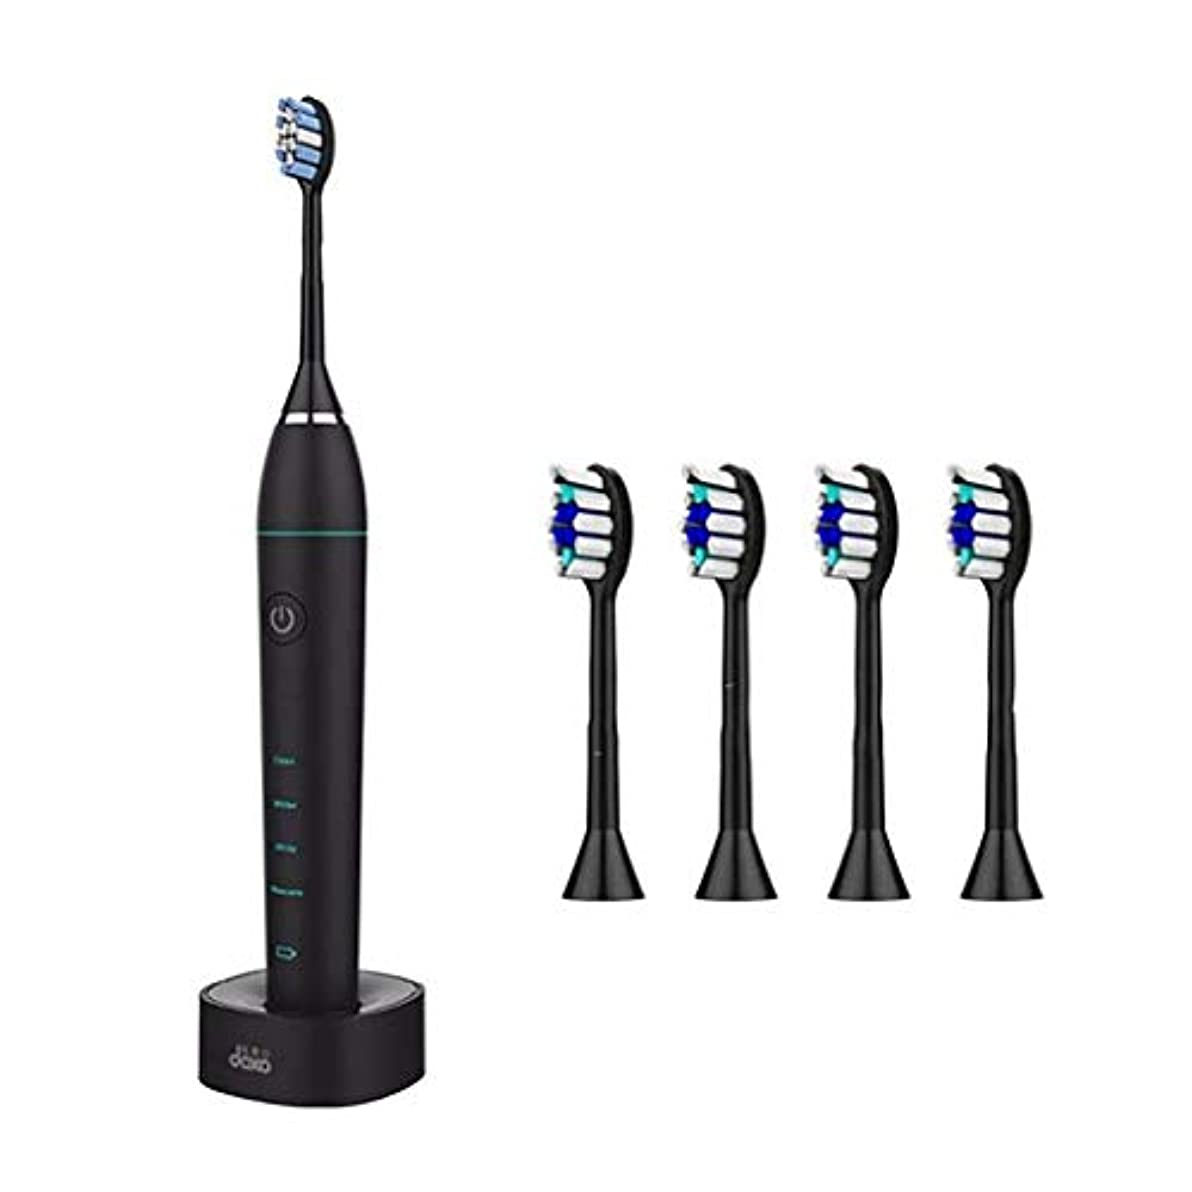 回復神経衰弱宿題をする歯ブラシ、電動歯ブラシ、超音波ホワイトニング歯のバイブレーター、美容歯、ワイヤレスタイマー口腔衛生クリーニング (Color : 黒)